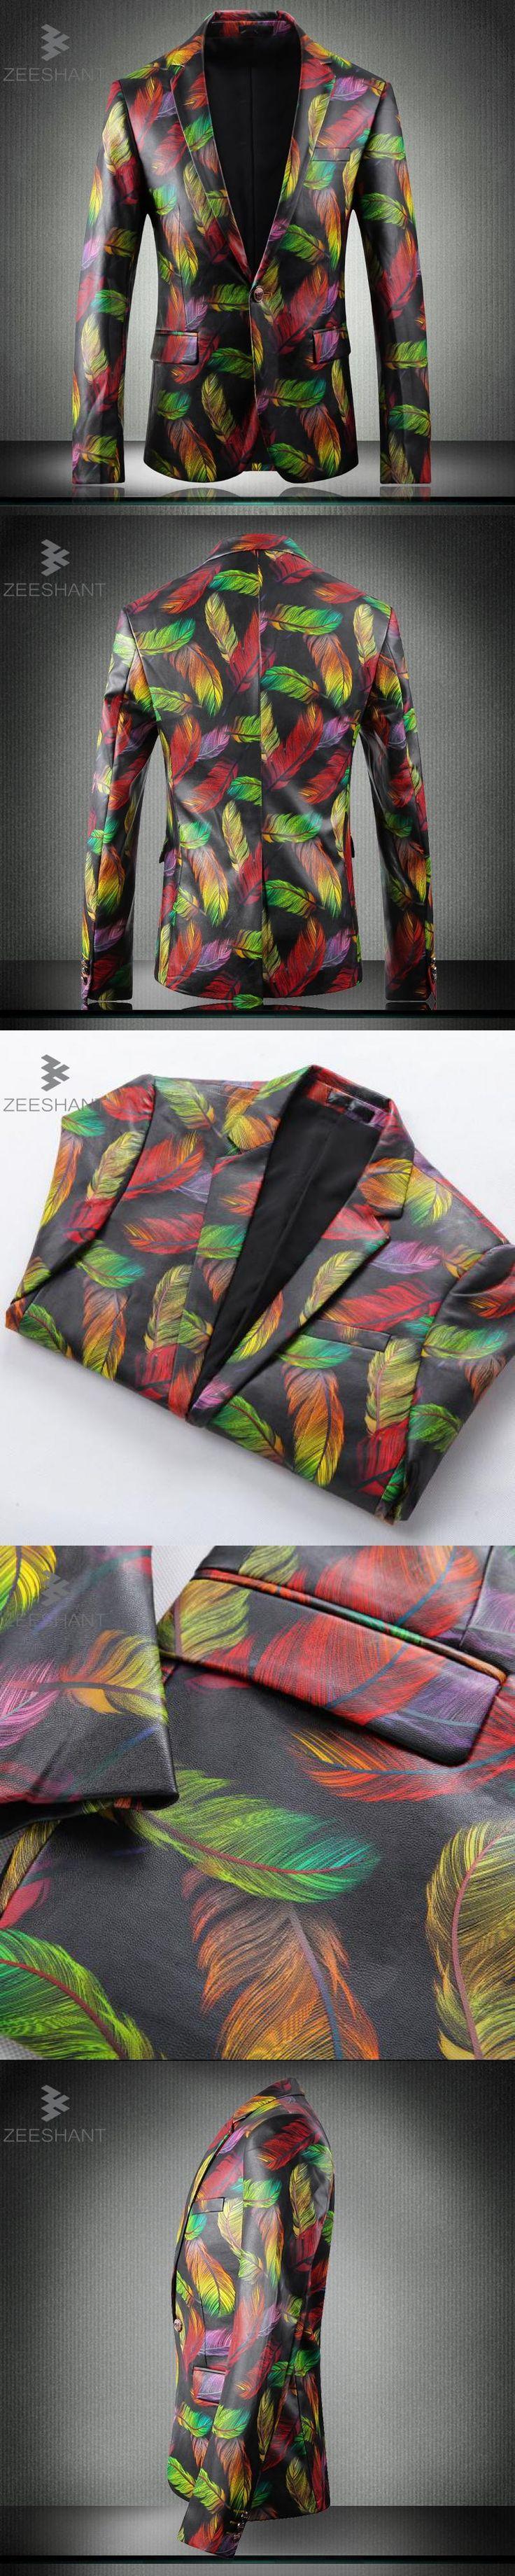 ZEESHANT Hot Sale Brand Clothing Men Blazer Fashion Cotton Suit Blazer Slim Fit Masculine Blazer Casual Floral Male Suits Jacket